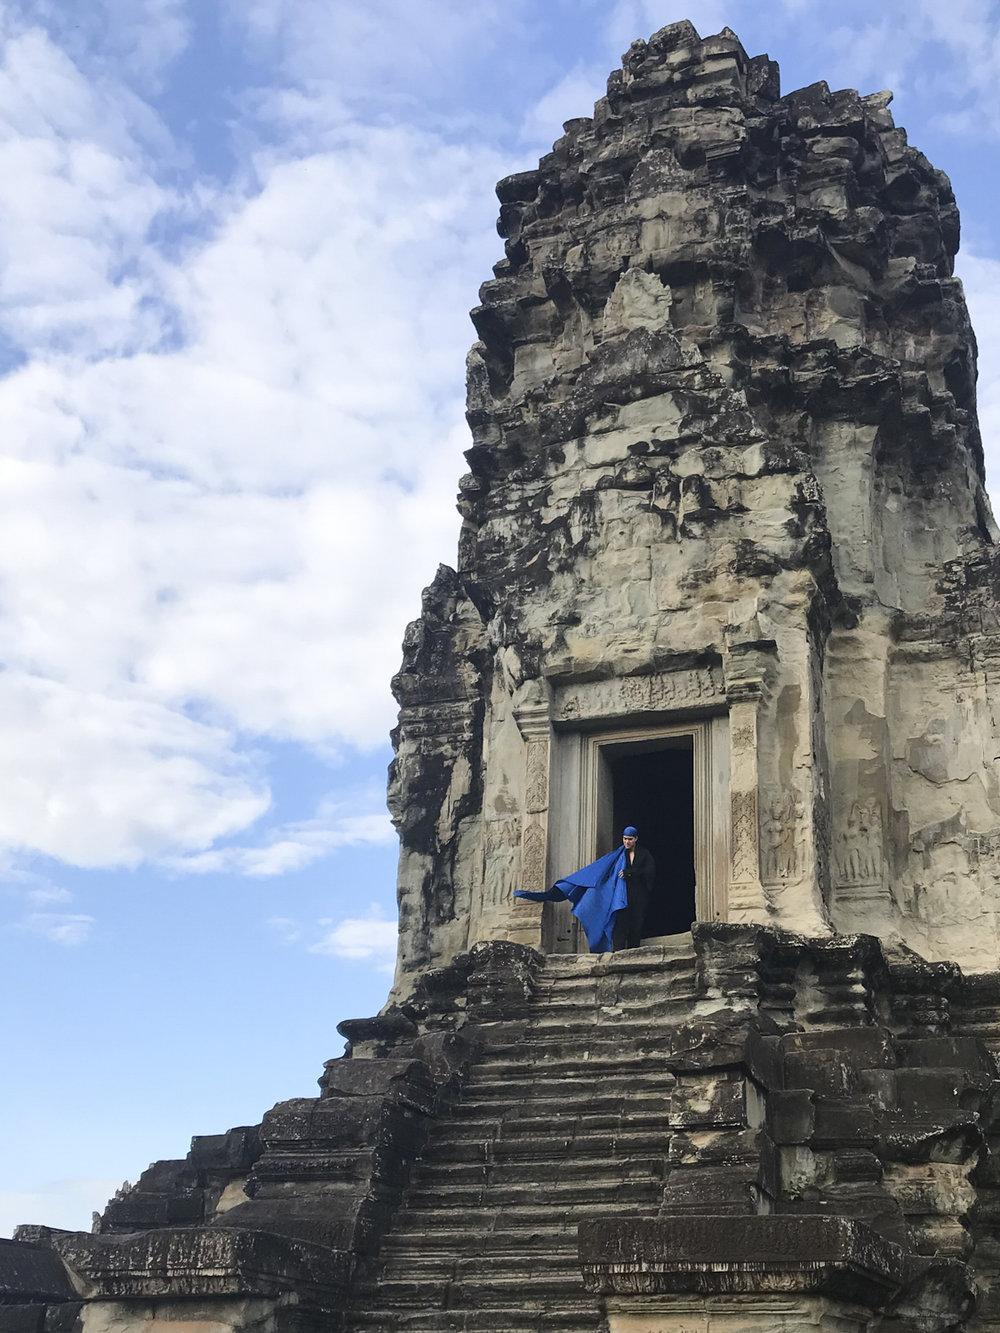 Tuck-Muntarbhorn-Angkor-Wat-3.jpg